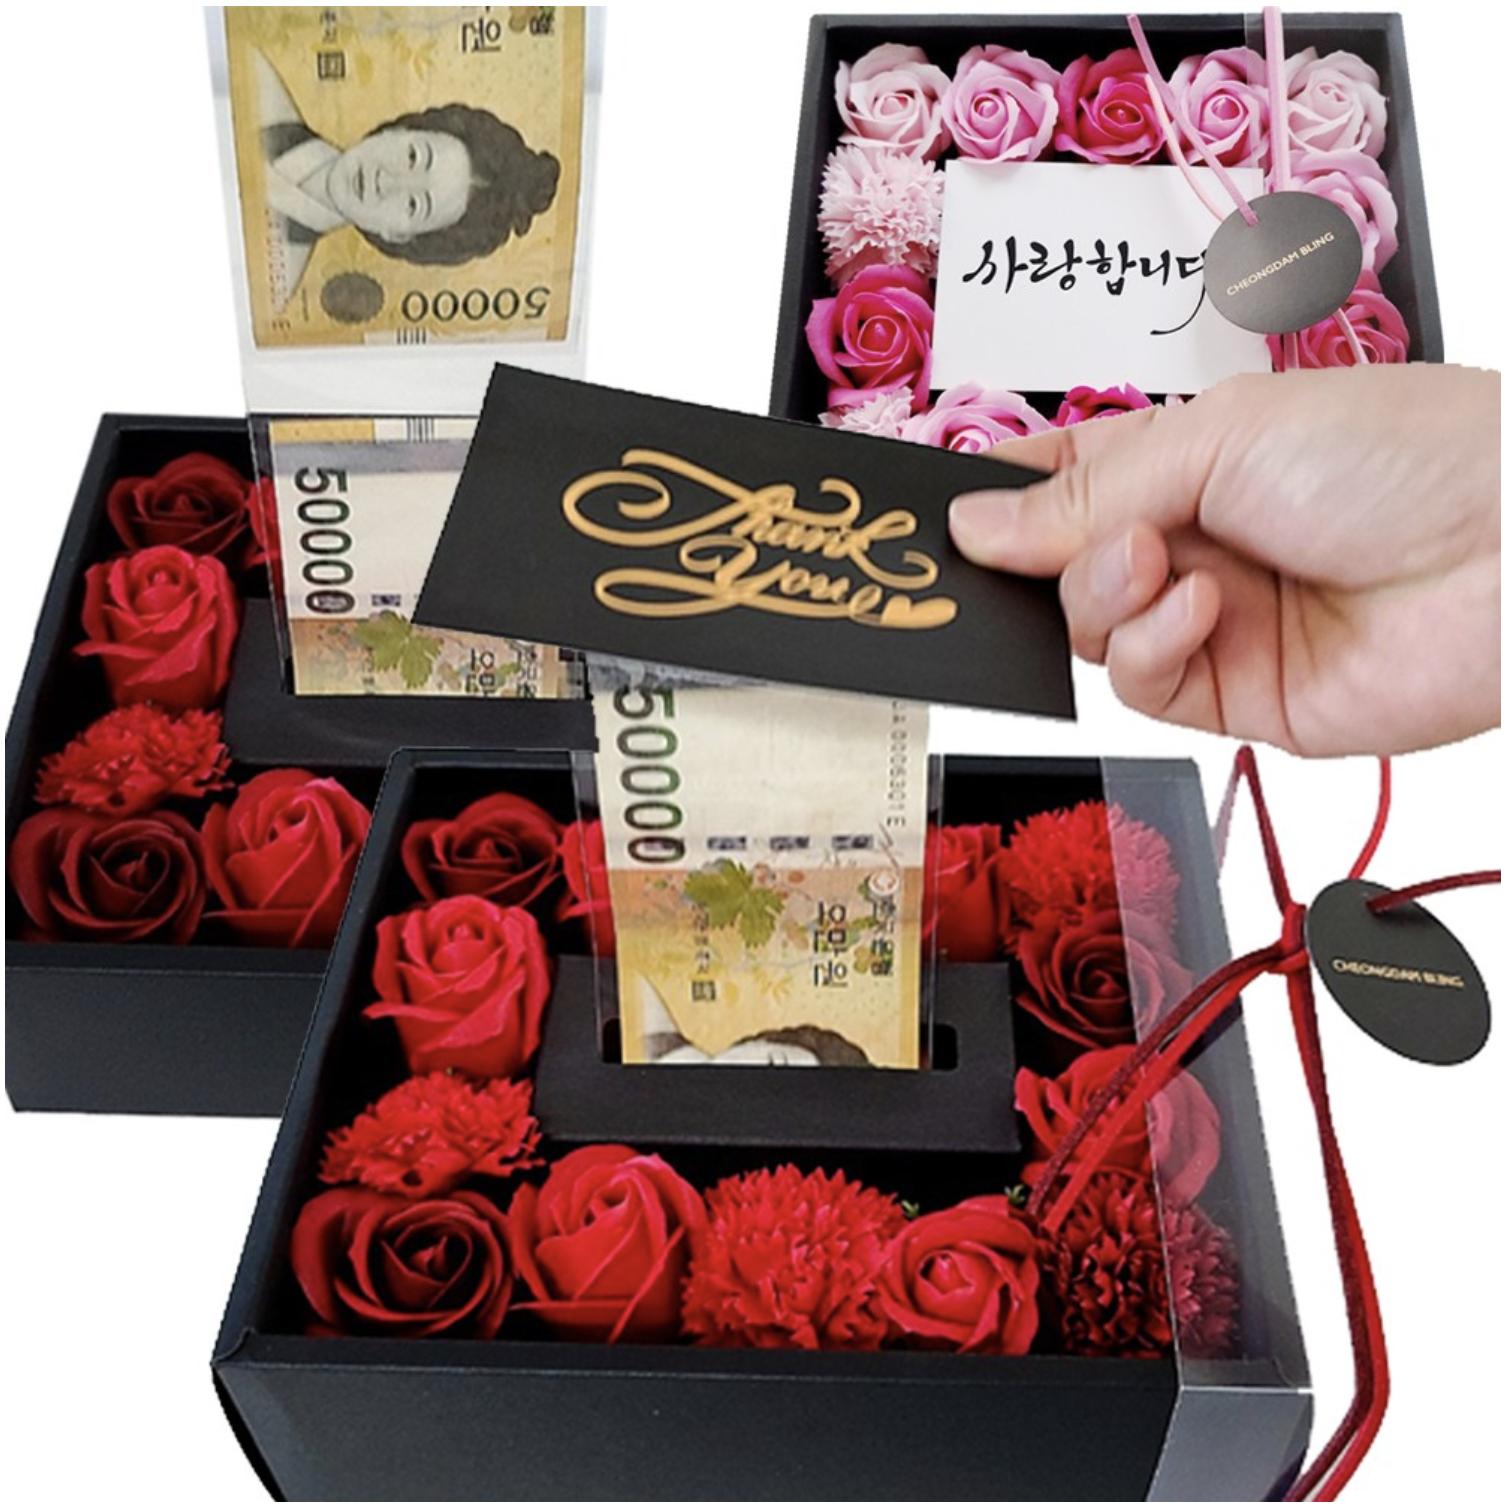 플라워 반전 용돈 상자 박스 부모님 생신 생일 선물 핑크 레드 엄마 아빠 생일 40대 50대 60대 꽃다발 꽃선물 도매, 핑크꽃, Thankyou 카드_흰금 (POP 5170369587)